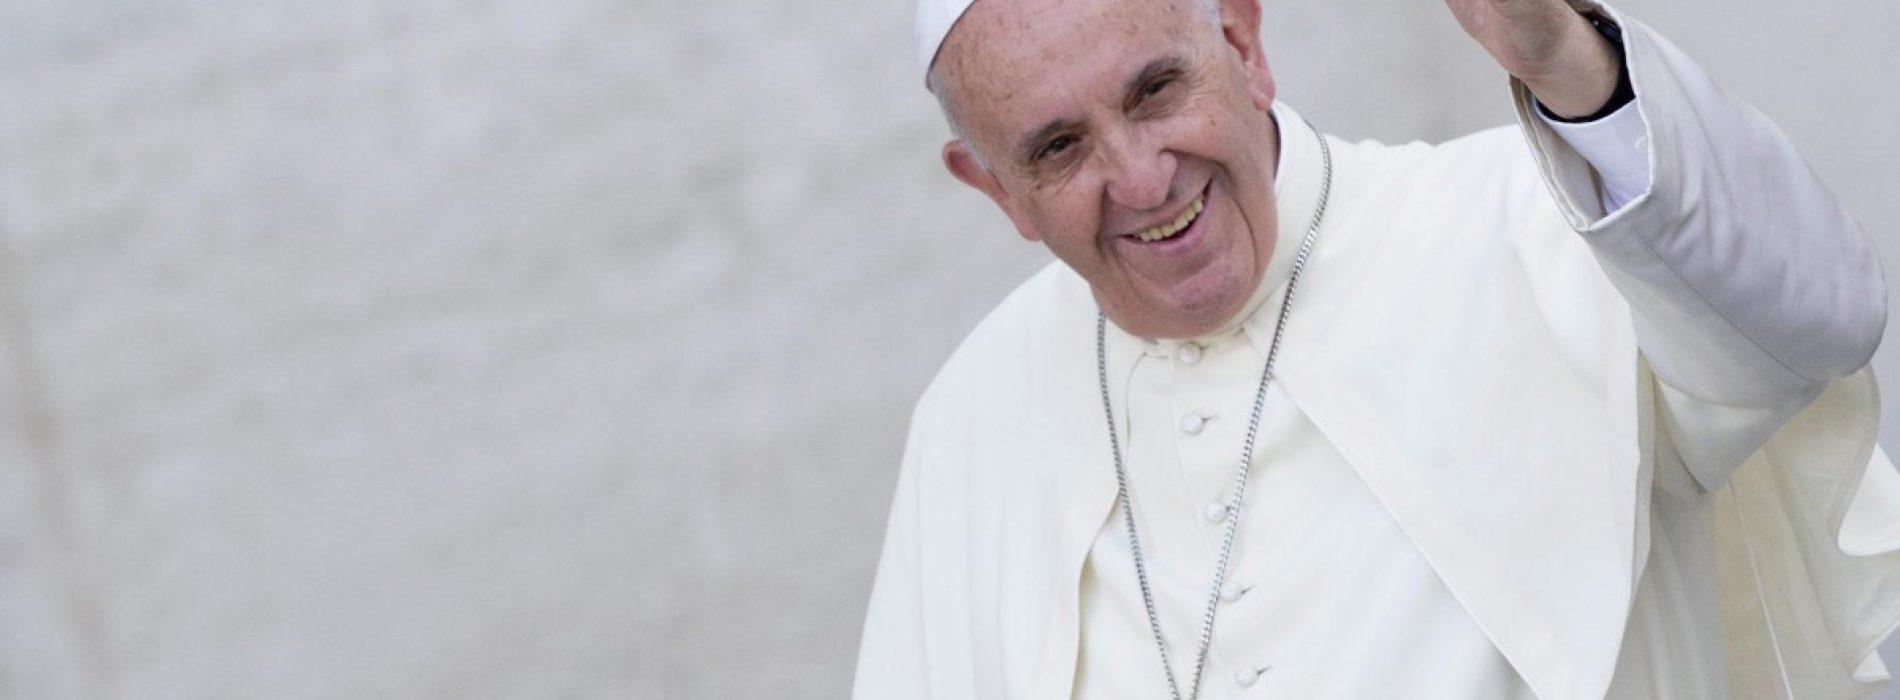 Habemus Papa(m)!  După 20 de ani, avem, din nou, un Sfânt Părinte pe pământ românesc